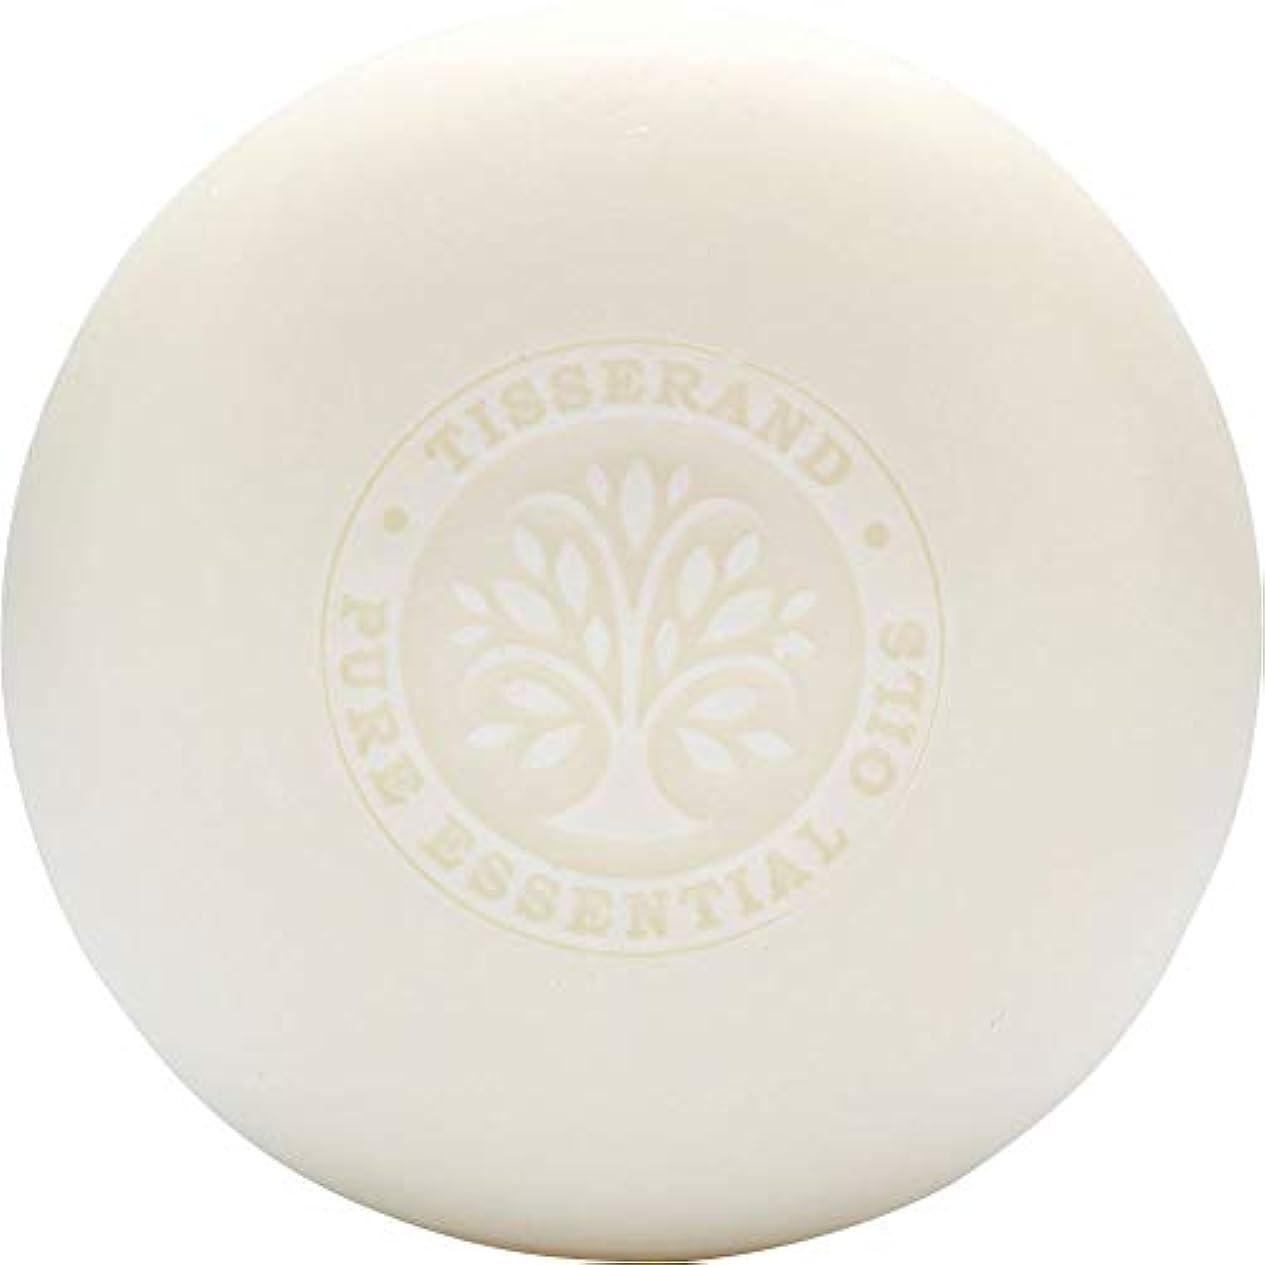 沿って後ろに航空便[Tisserand] ティスランドローズ&ゼラニウムの葉石鹸100グラム - Tisserand Rose & Geranium Leaf Soap 100g [並行輸入品]